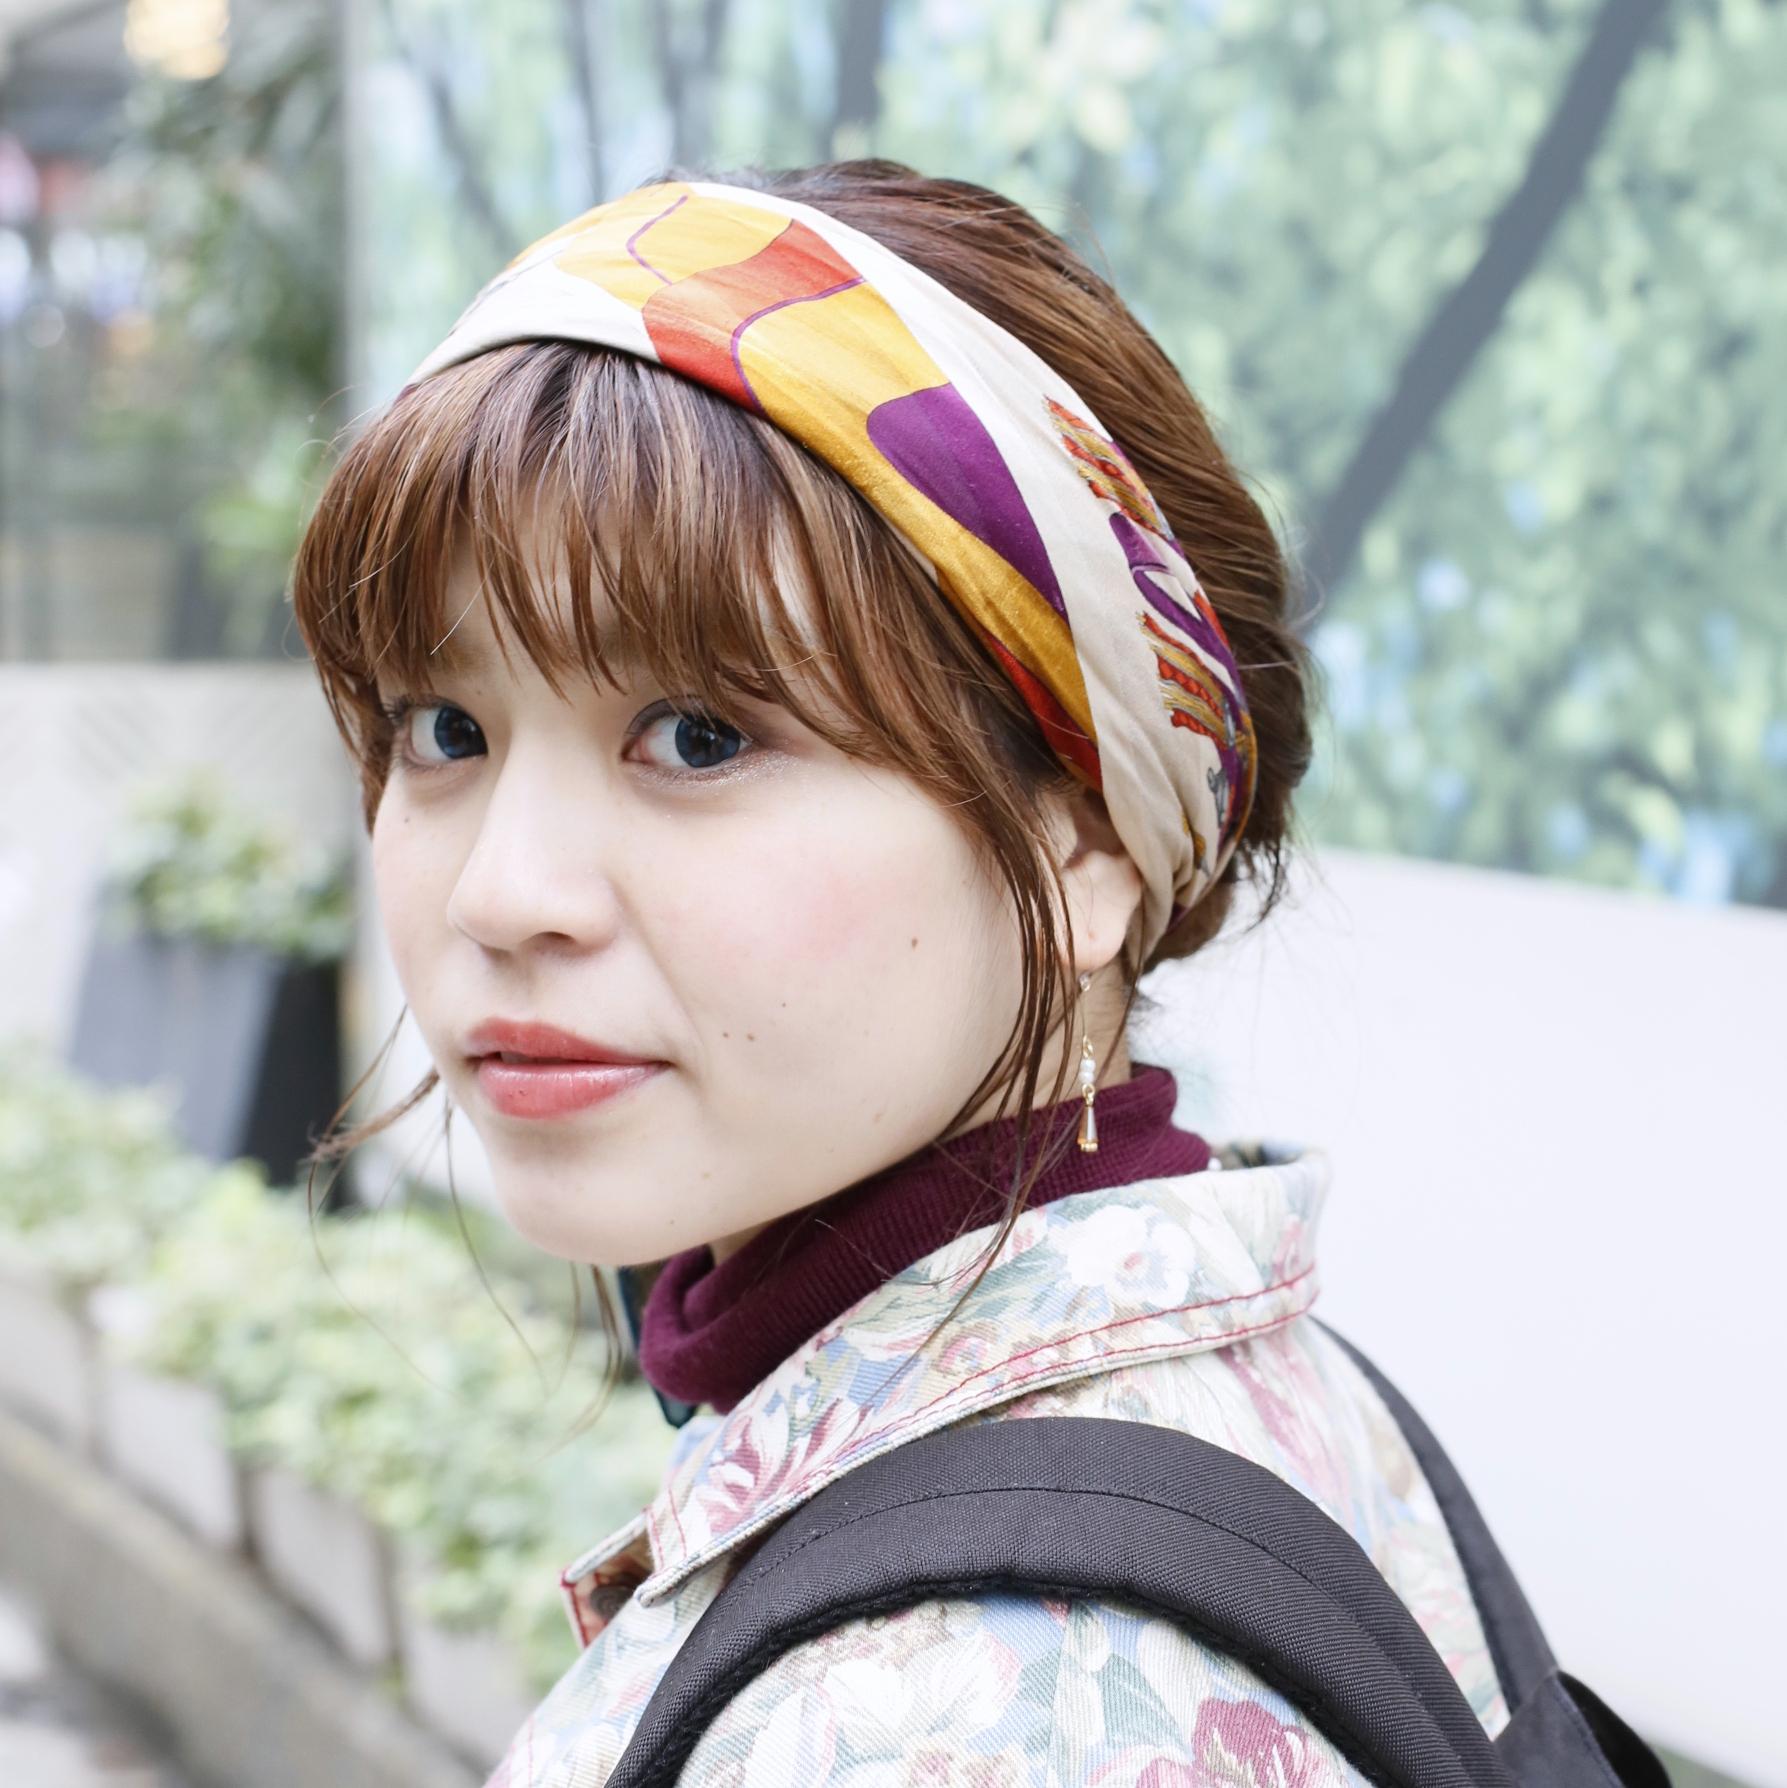 【女子SNAP】SJ美女図鑑<br />岡村みなみさん・サロンスタッフ